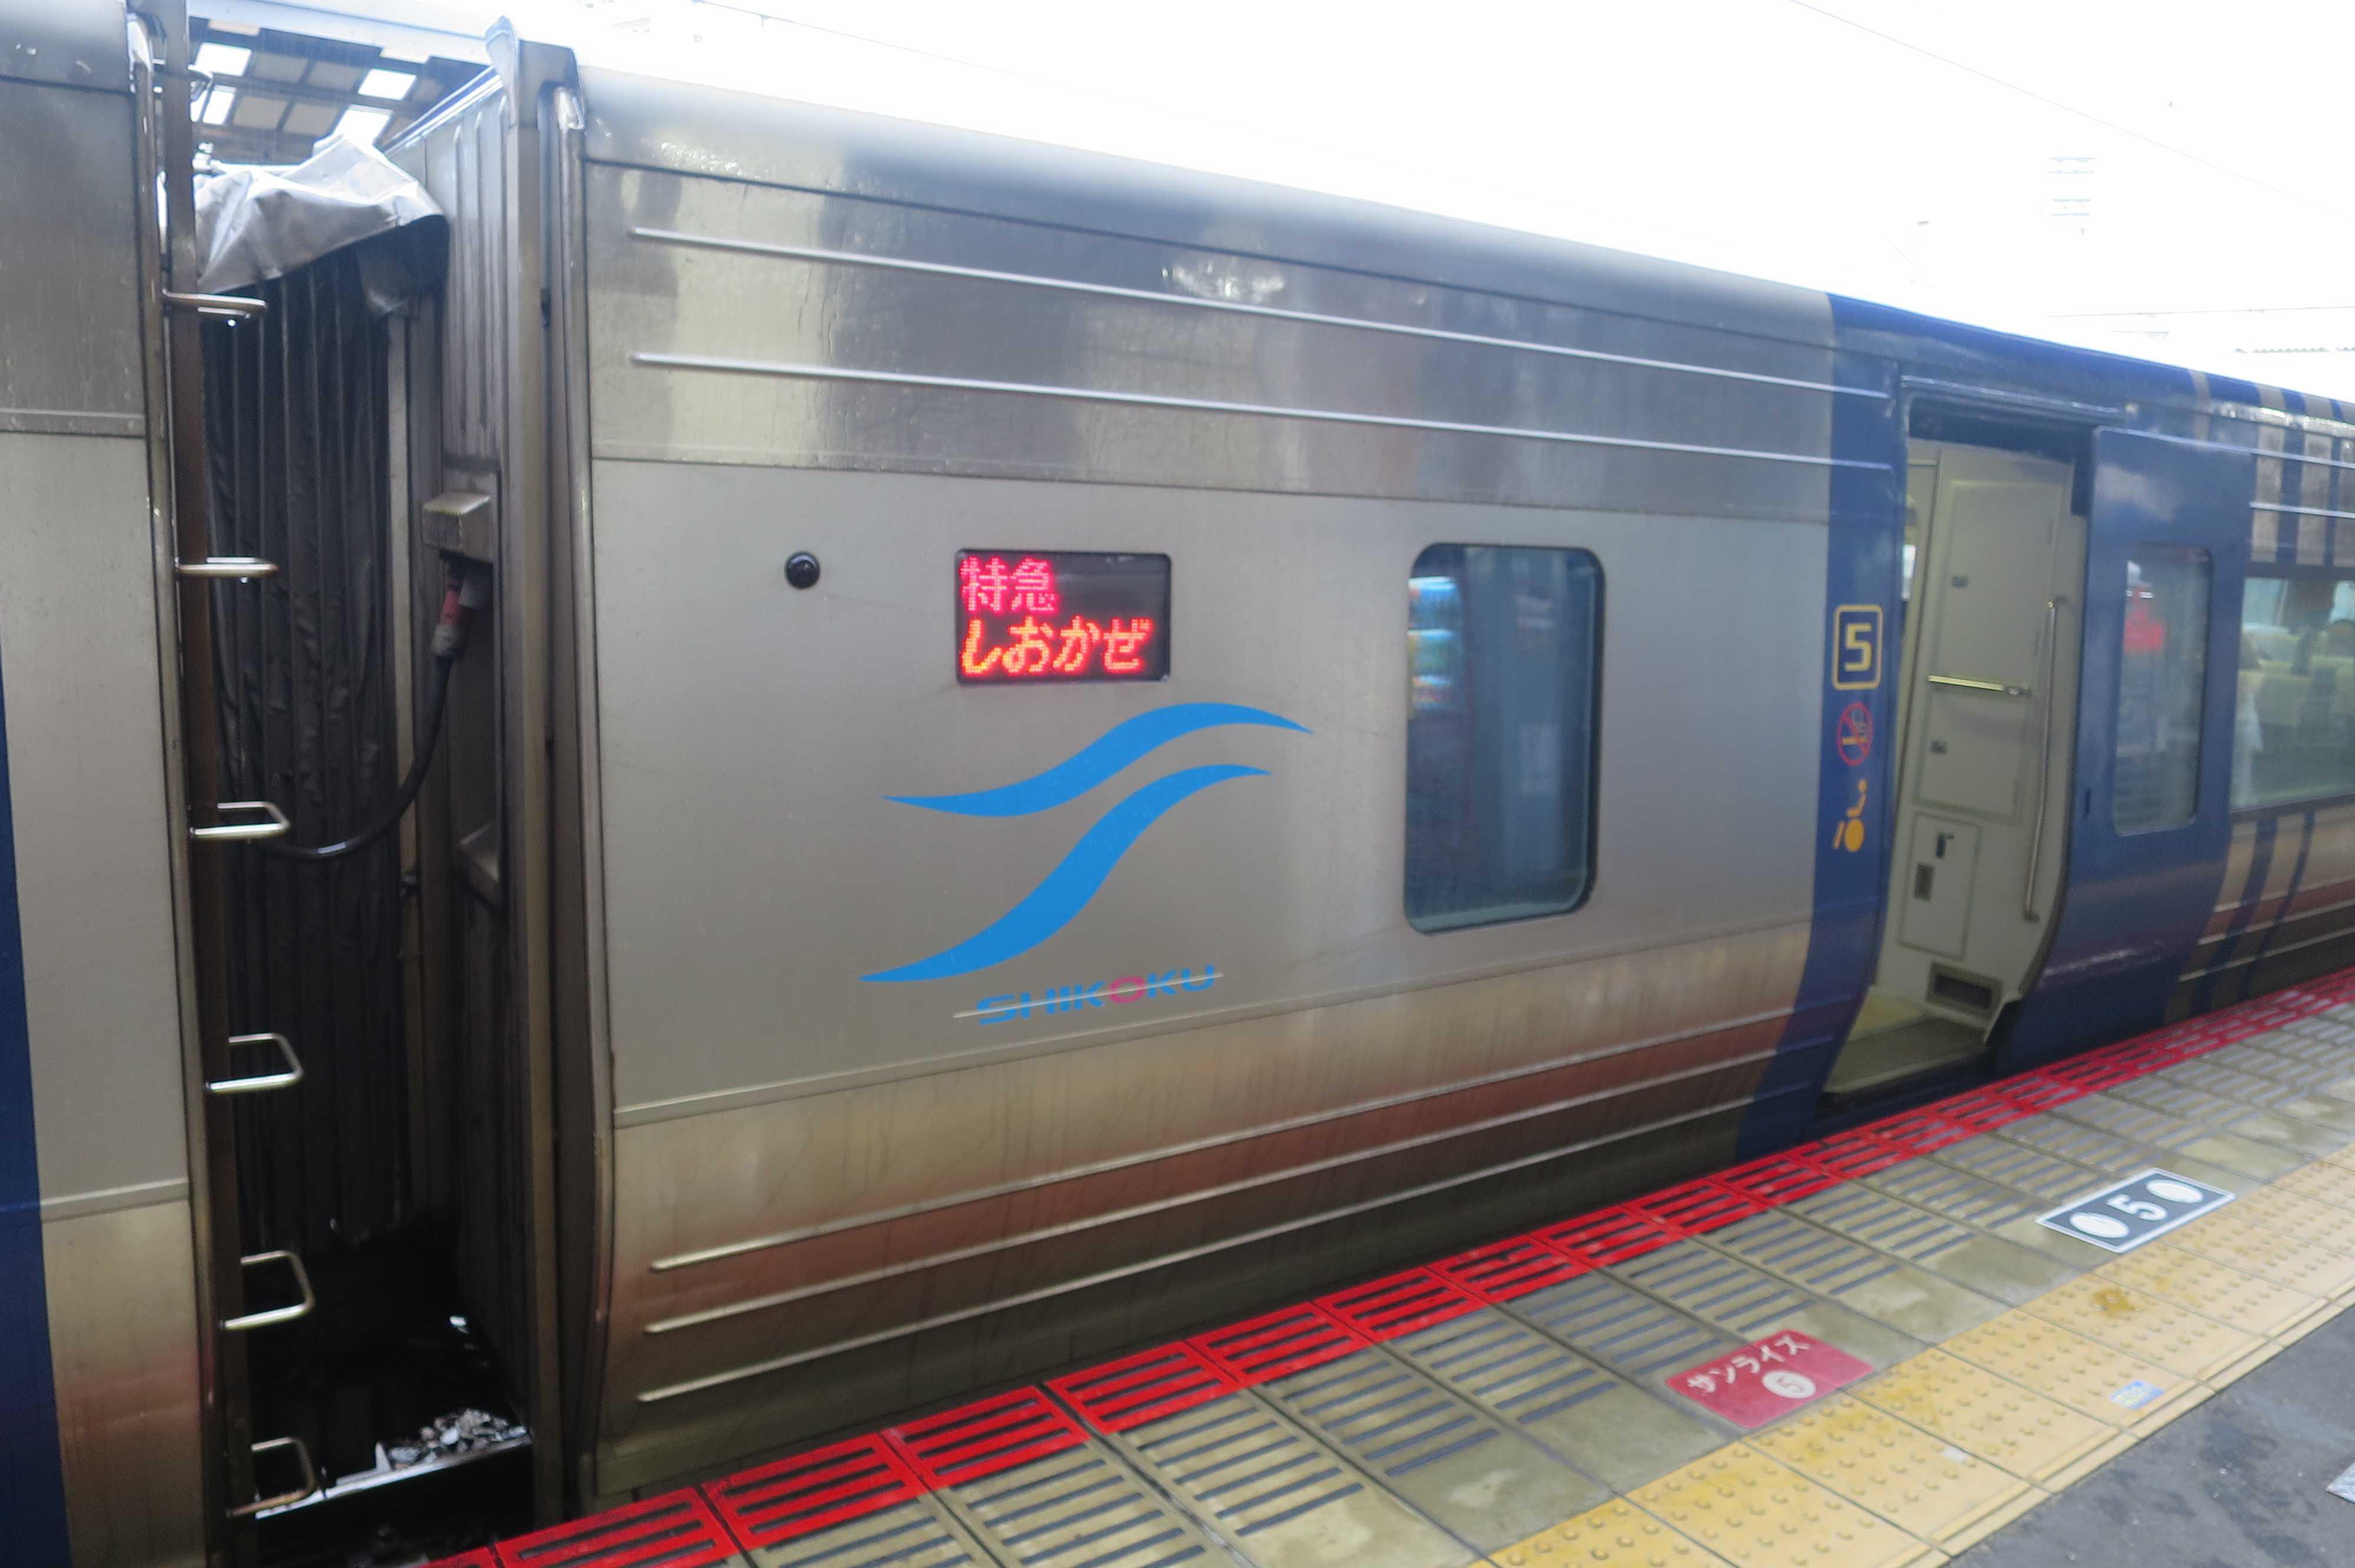 特急しおかぜ JR岡山駅